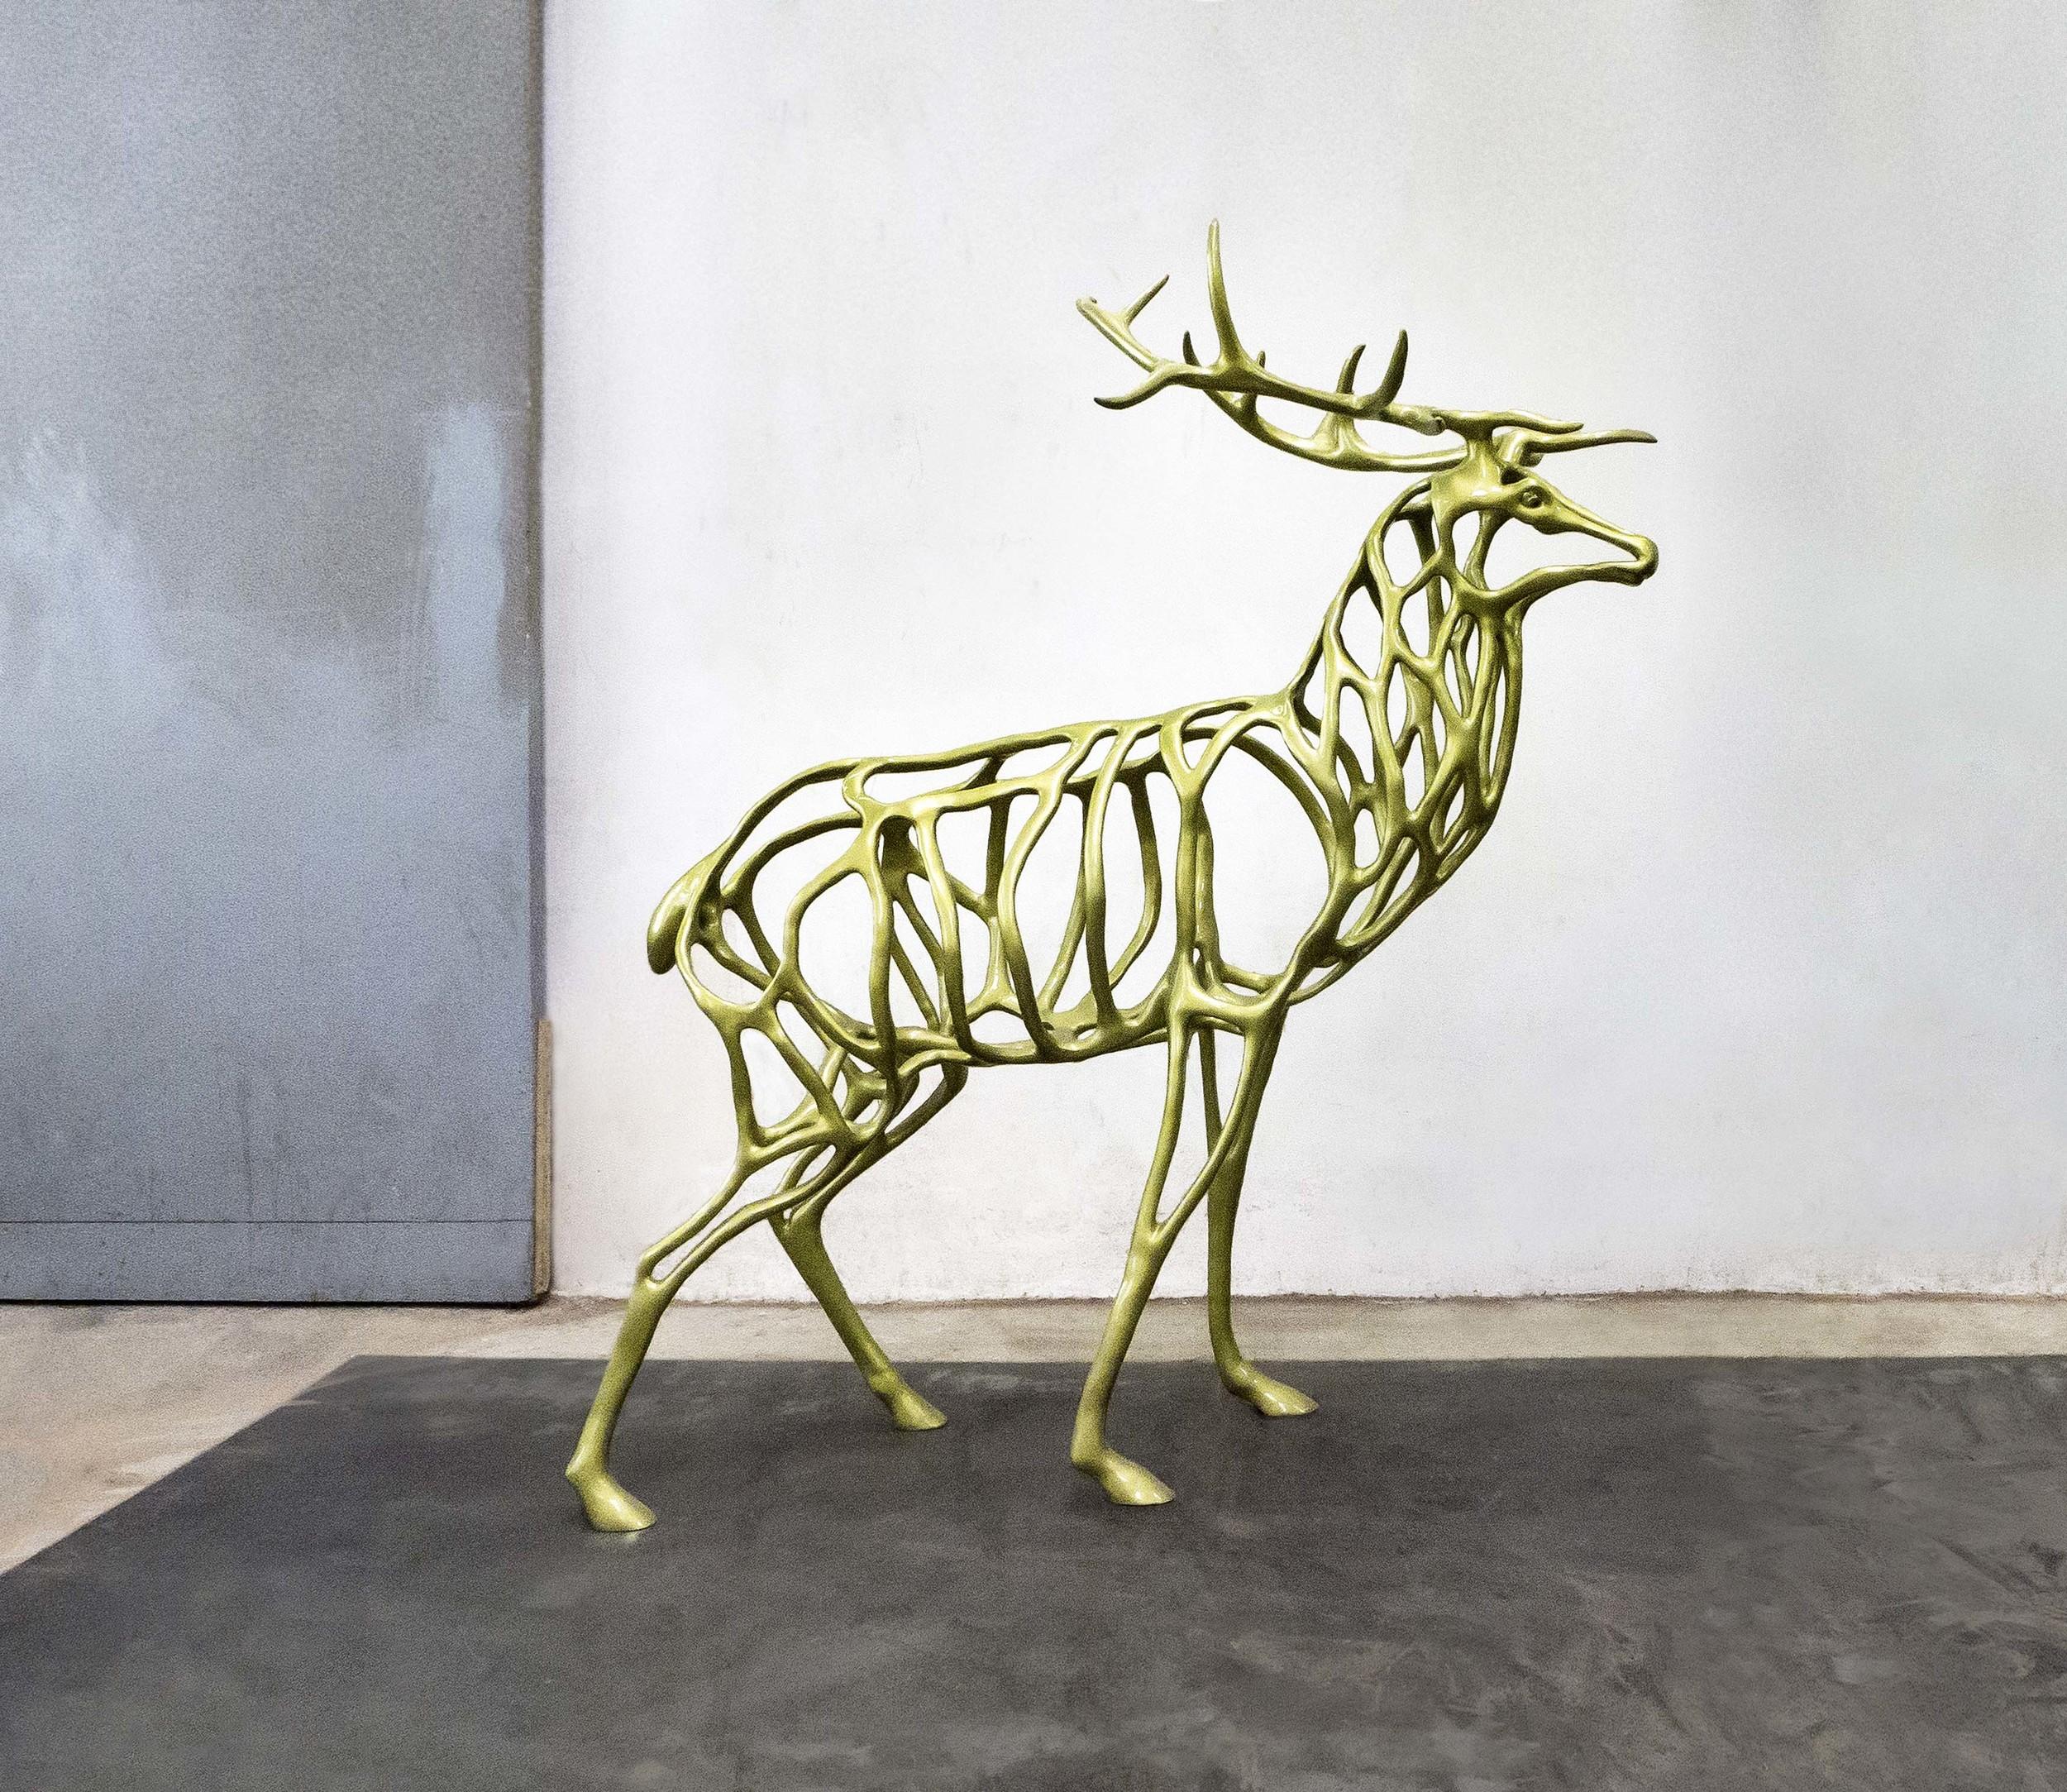 Richard Texier Deer bronze sculpture